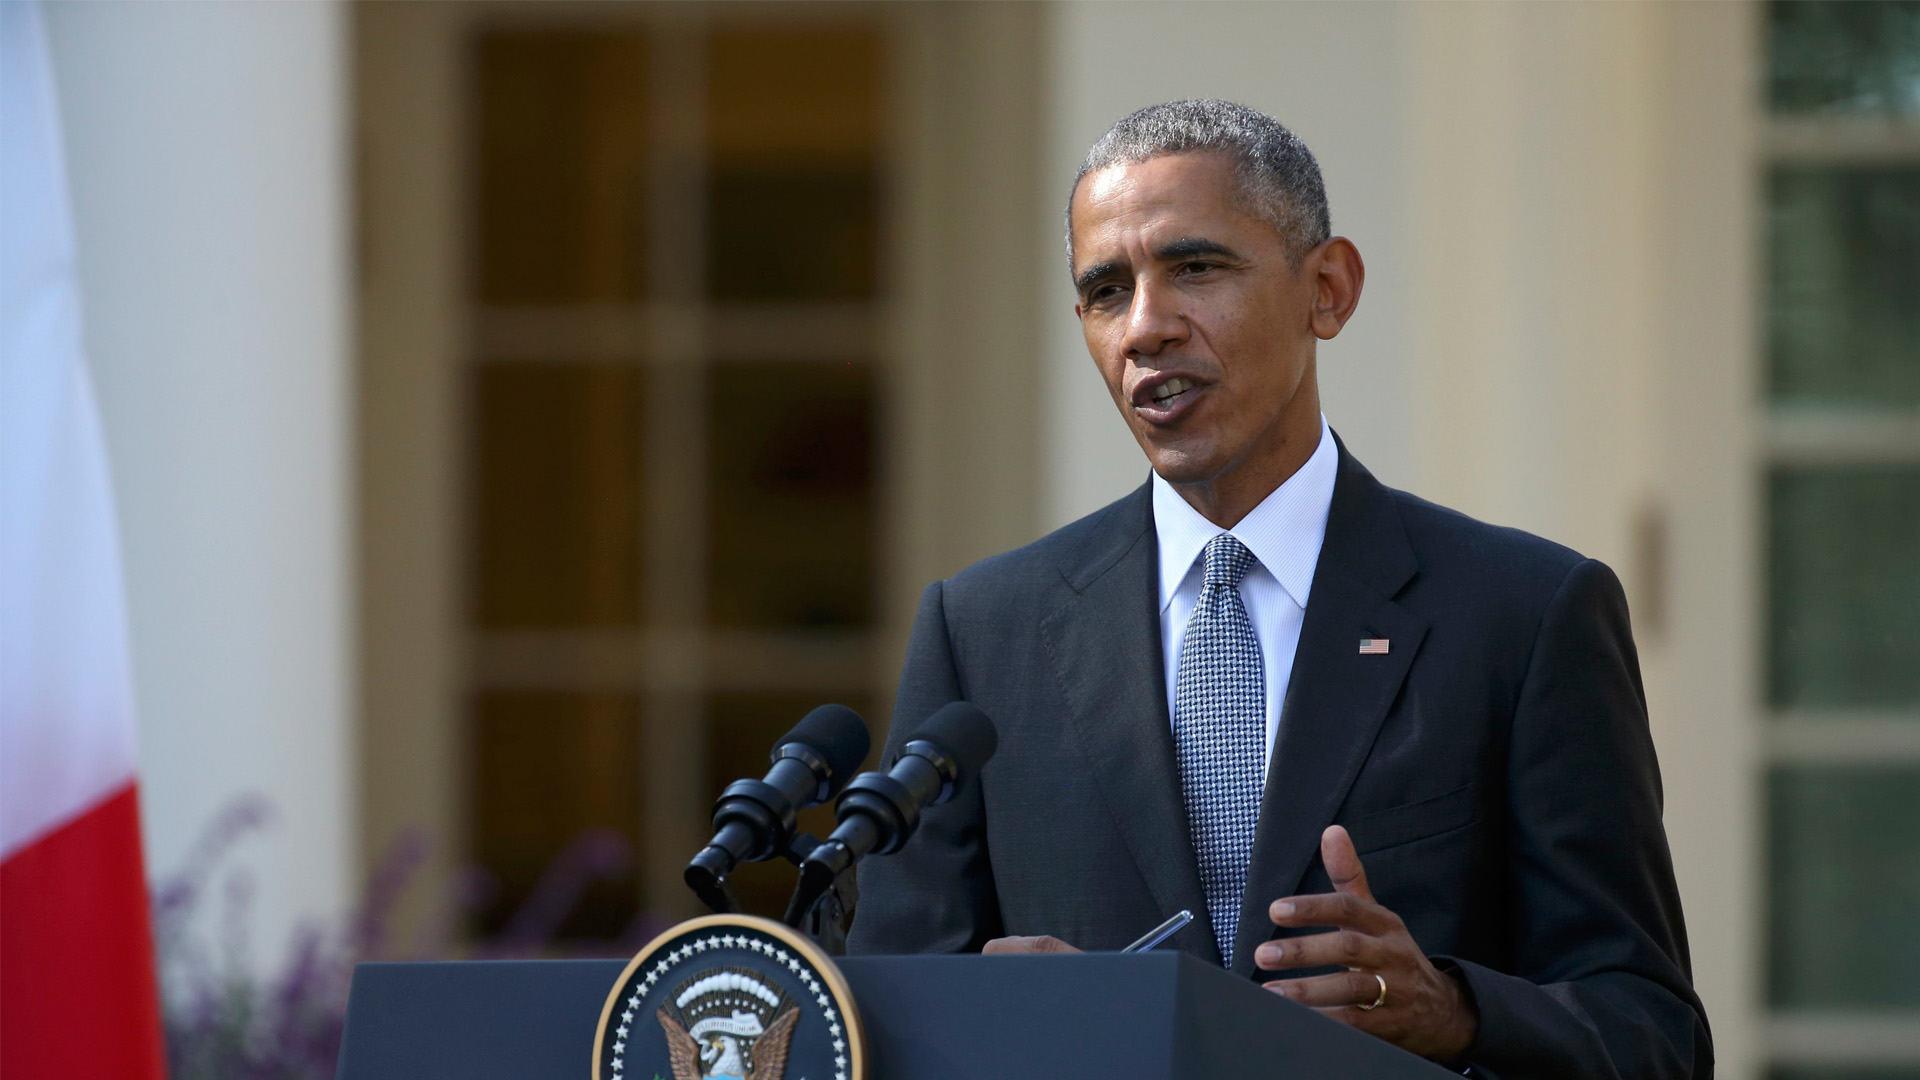 El presidente aseguró que este acuerdo ha beneficiado a numerosas personas y países